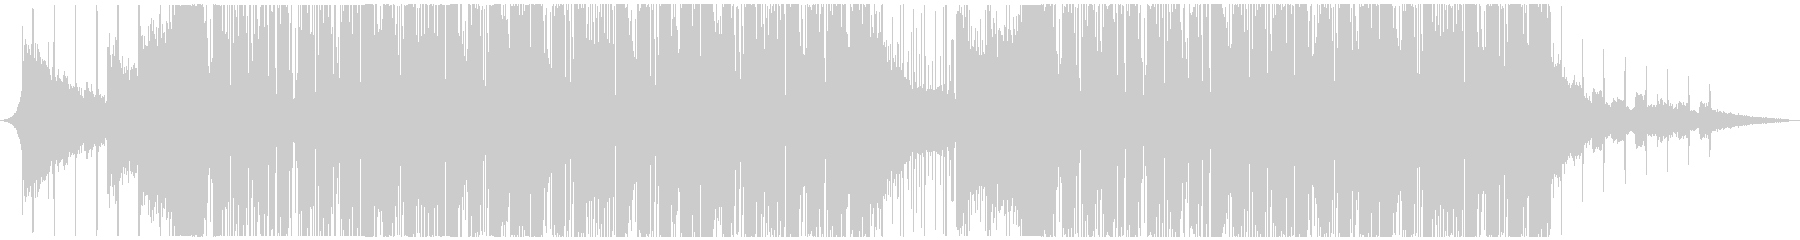 幻想的な映像に合うFuture Bassの未再生の波形